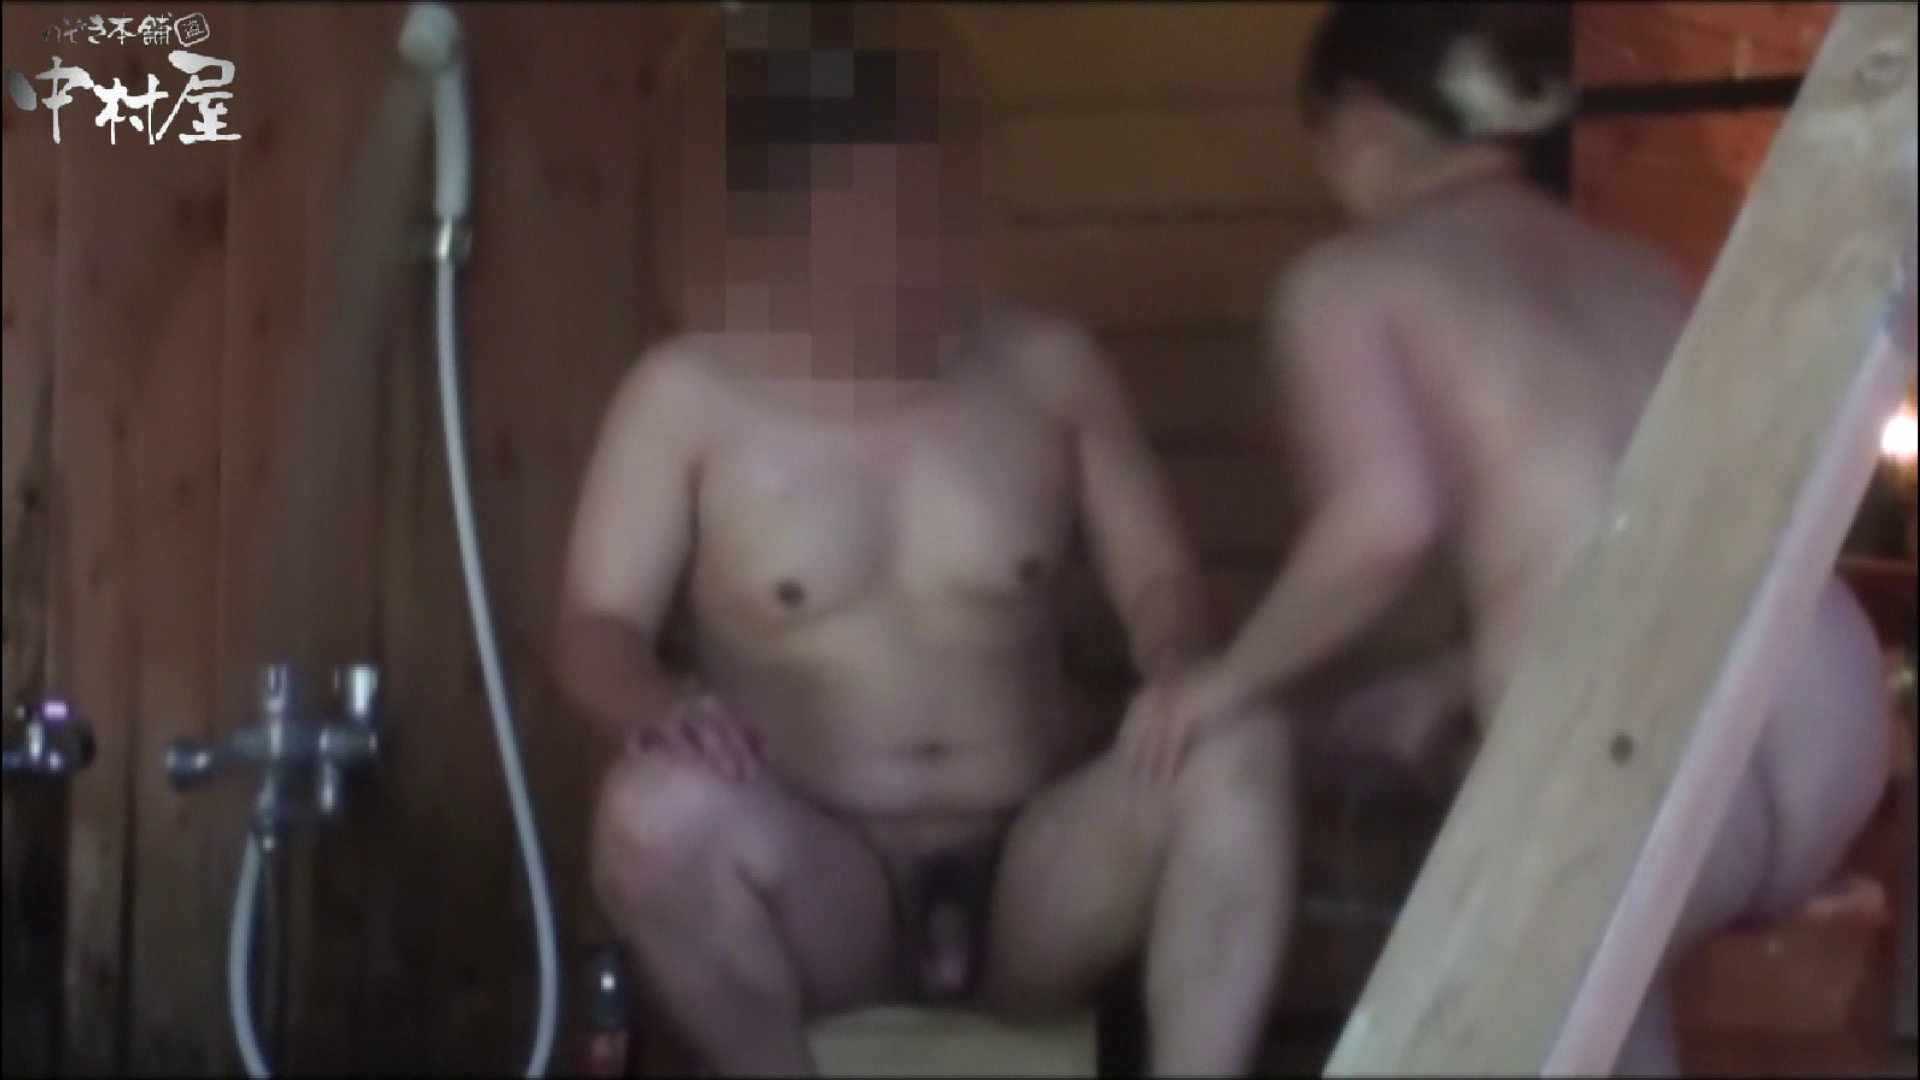 貸切露天 発情カップル! vol.03 入浴 盗撮動画紹介 110PIX 46